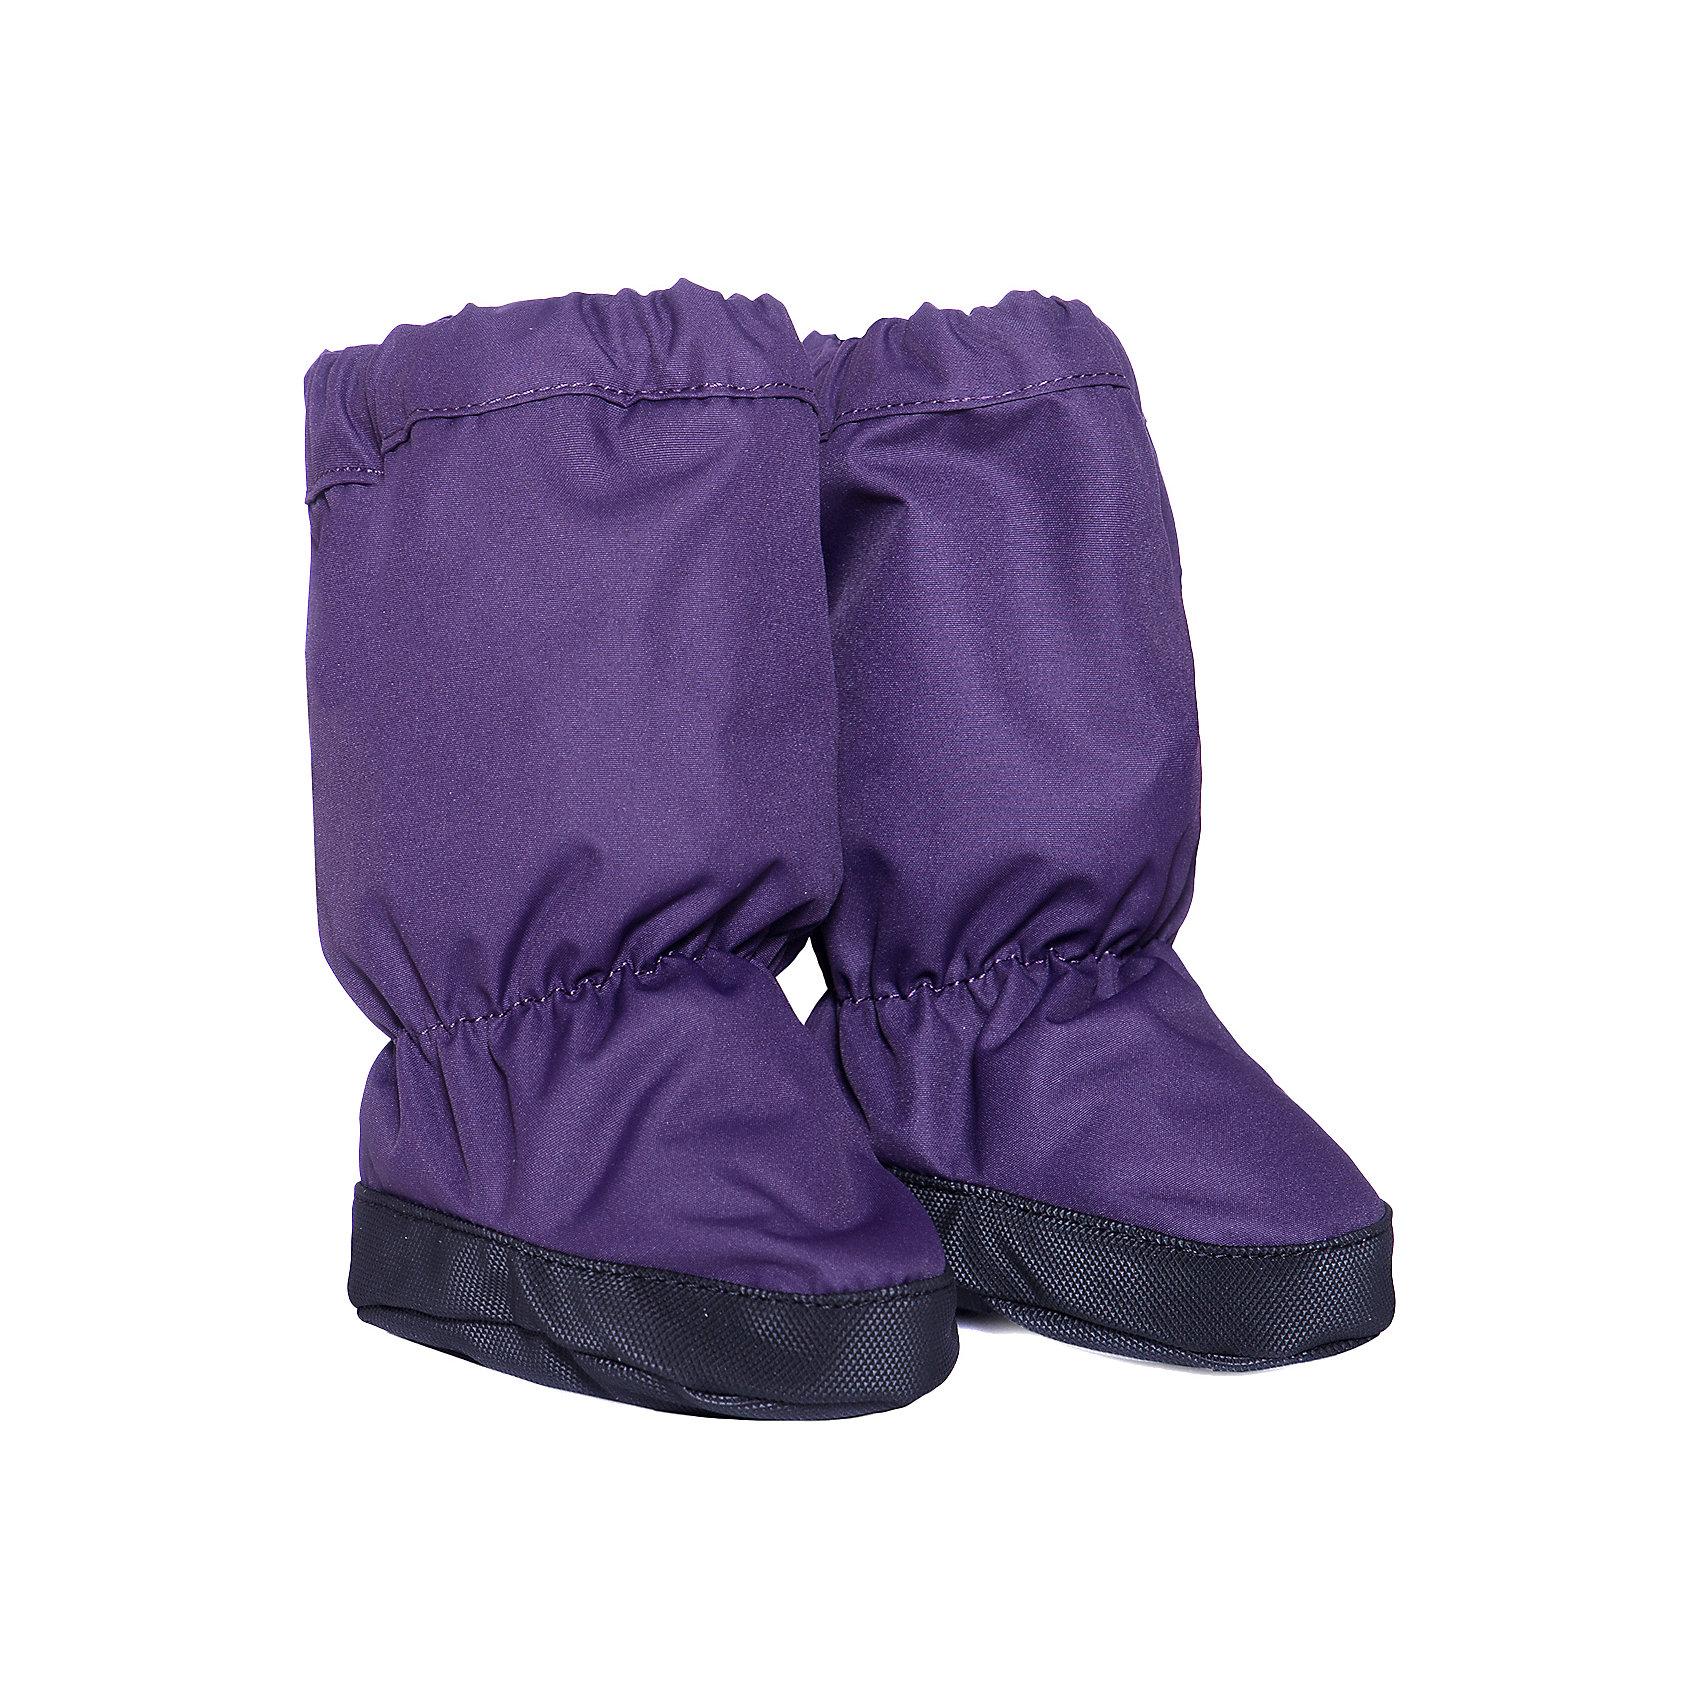 Пинетки Reima AnturaПинетки<br>Характеристики товара:<br><br>• цвет: фиолетовый;<br>• состав: 100% полиэстер;<br>• утеплитель: 170 г/м2 (comfort insulation);<br>• температурный режим: от -10 до -20С;<br>• сезон: зима; <br>• водонепроницаемость: 15000 мм;<br>• воздухопроницаемость: 7000 мм;<br>• износостойкость: 40000 (тест Мартиндейла);<br>• особенности модели: на подкладке;<br>• водонепроницаемый прочный материал;<br>• ветронепроницаемый и грязеотталкивающий материал;<br>• подкладка из полиэстера с небольшим начесом;<br>• антискользящая поверхность подошвы;<br>• логотип Reima;<br>• страна бренда: Финляндия;<br>• страна изготовитель: Китай.<br><br>Зимние пинетки изготовлены из дышащего водонепроницаемого материала, однако швы в них не проклеены – так что лужи придется обходить! Ребристая нескользящая подошва поможет сделать первые шаги на свежем воздухе, кроме того, материал отталкивает грязь. А с мягкой трикотажной подкладкой с начесом в пинетках невероятно удобно. <br><br>Пинетки Antura Reima от финского бренда Reima (Рейма) можно купить в нашем интернет-магазине.<br><br>Ширина мм: 152<br>Глубина мм: 126<br>Высота мм: 93<br>Вес г: 242<br>Цвет: лиловый<br>Возраст от месяцев: 12<br>Возраст до месяцев: 18<br>Пол: Унисекс<br>Возраст: Детский<br>Размер: 2,0,1<br>SKU: 6908718